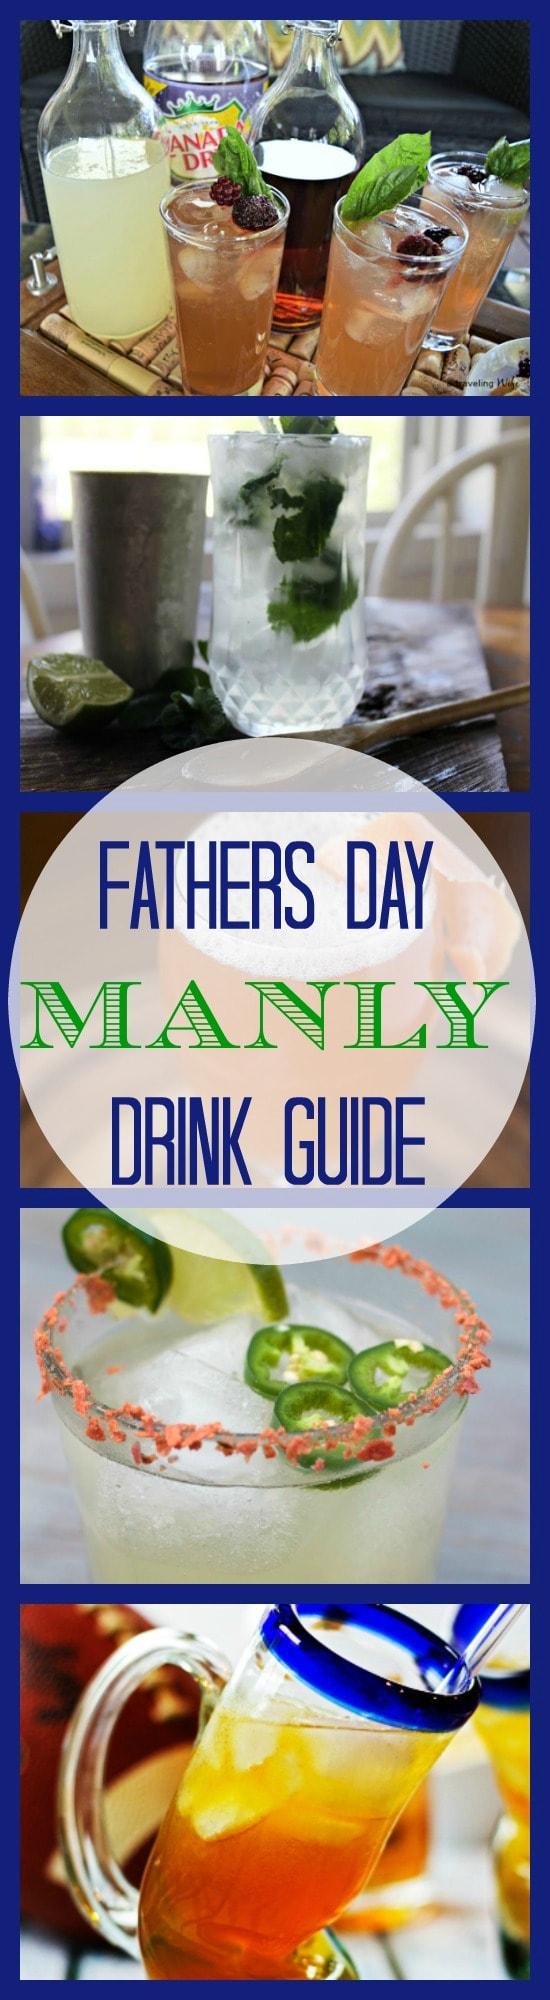 Manly-Drinks-Gudie